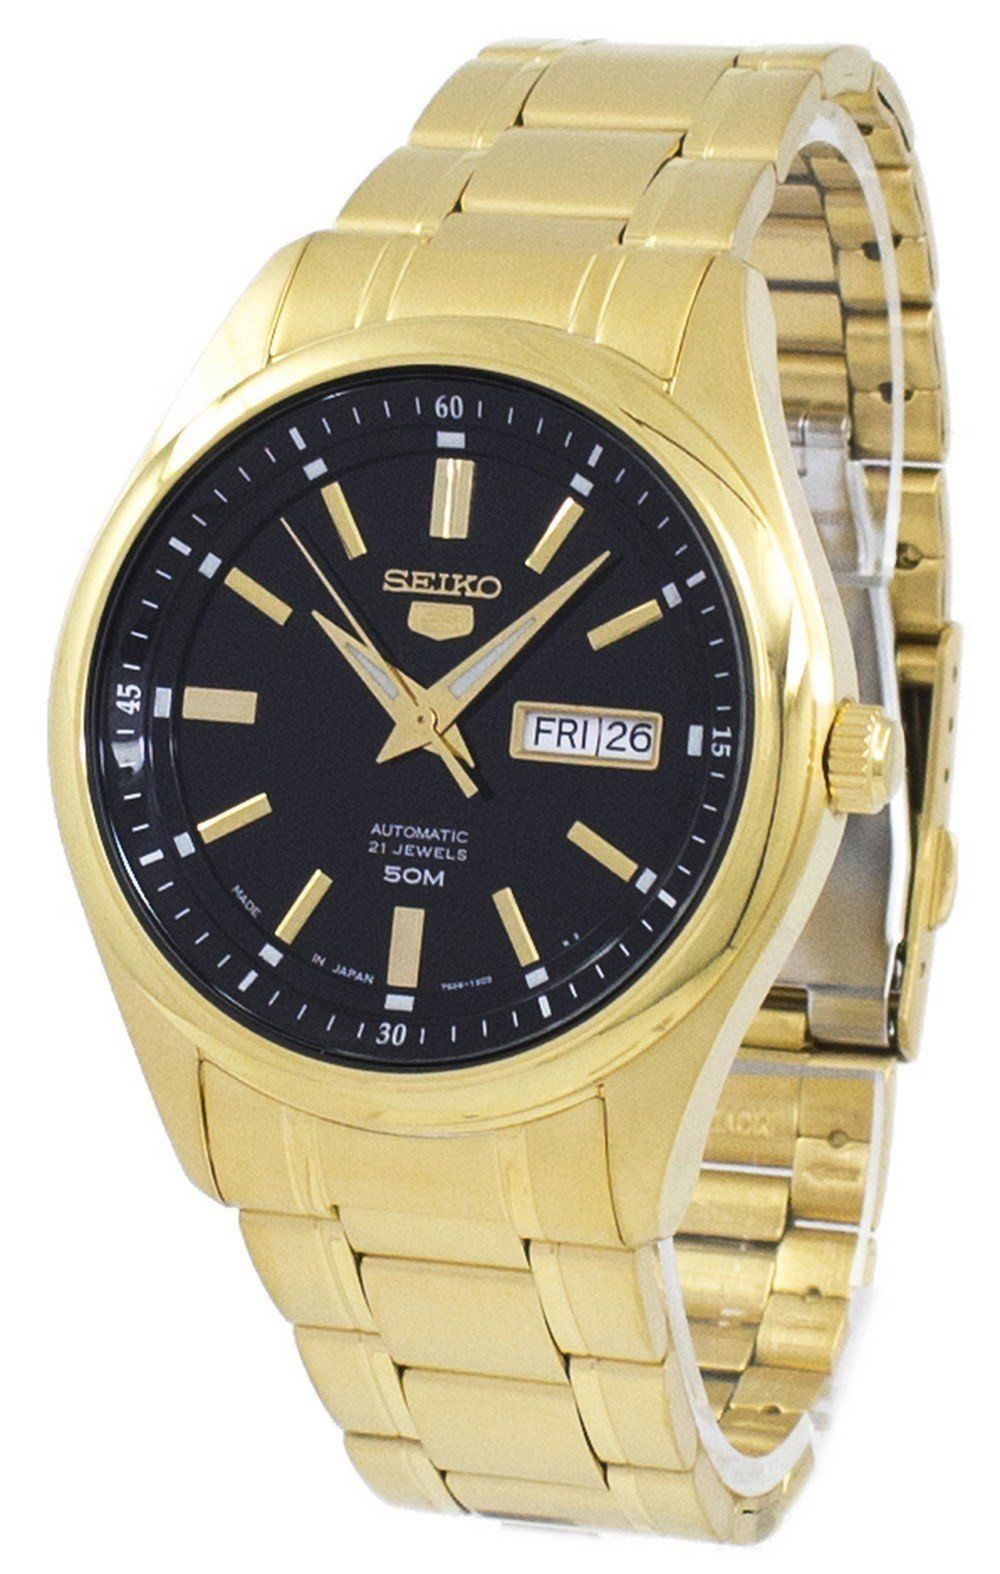 นาฬิกาผู้ชาย Seiko รุ่น SNKN98J1, Seiko 5 Sports Automatic Japan Made Men's Watch